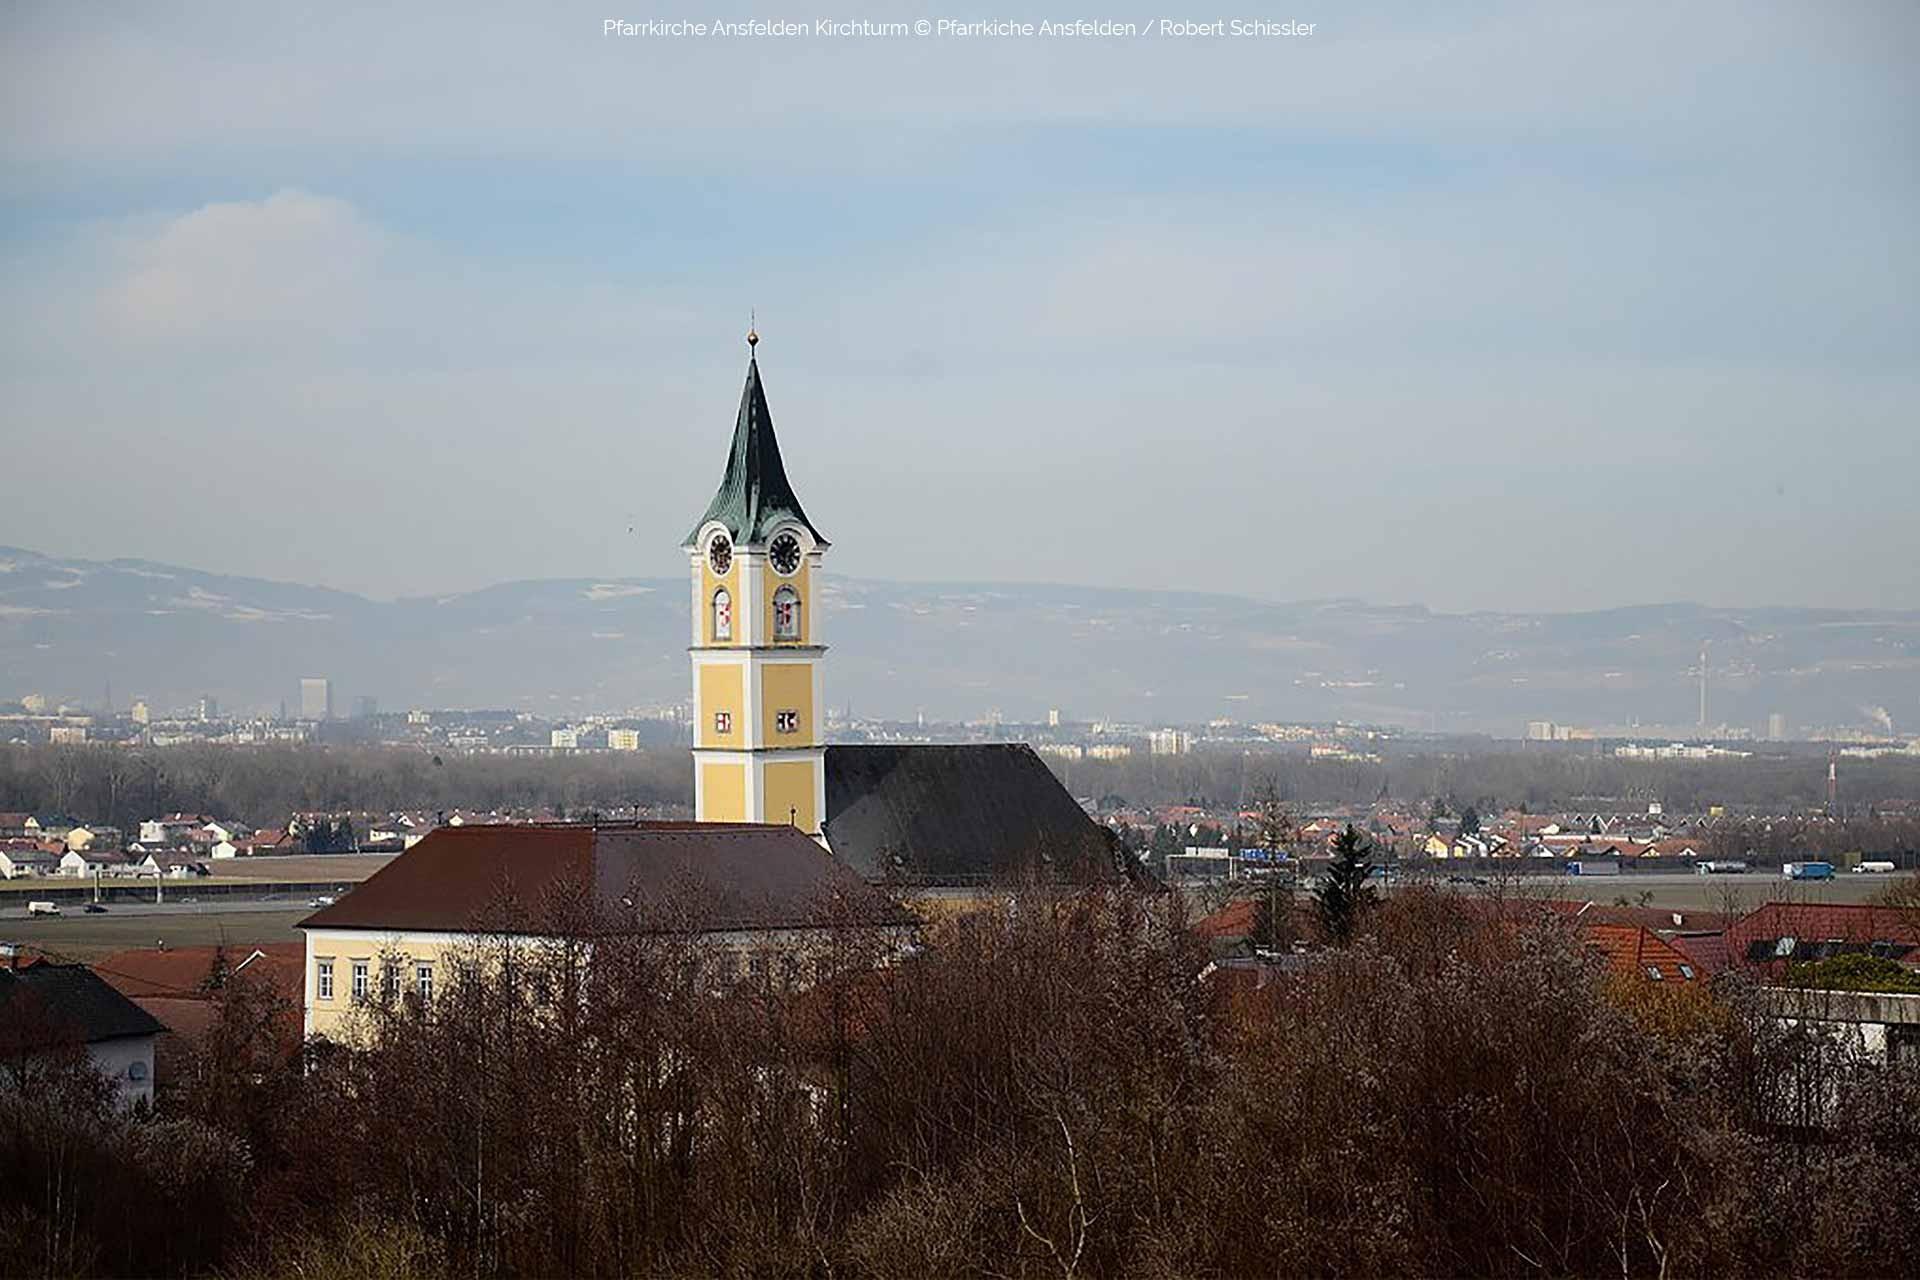 Pfarrkirche Ansfelden © Pfarrkirche Ansfelden / Robert Schissler